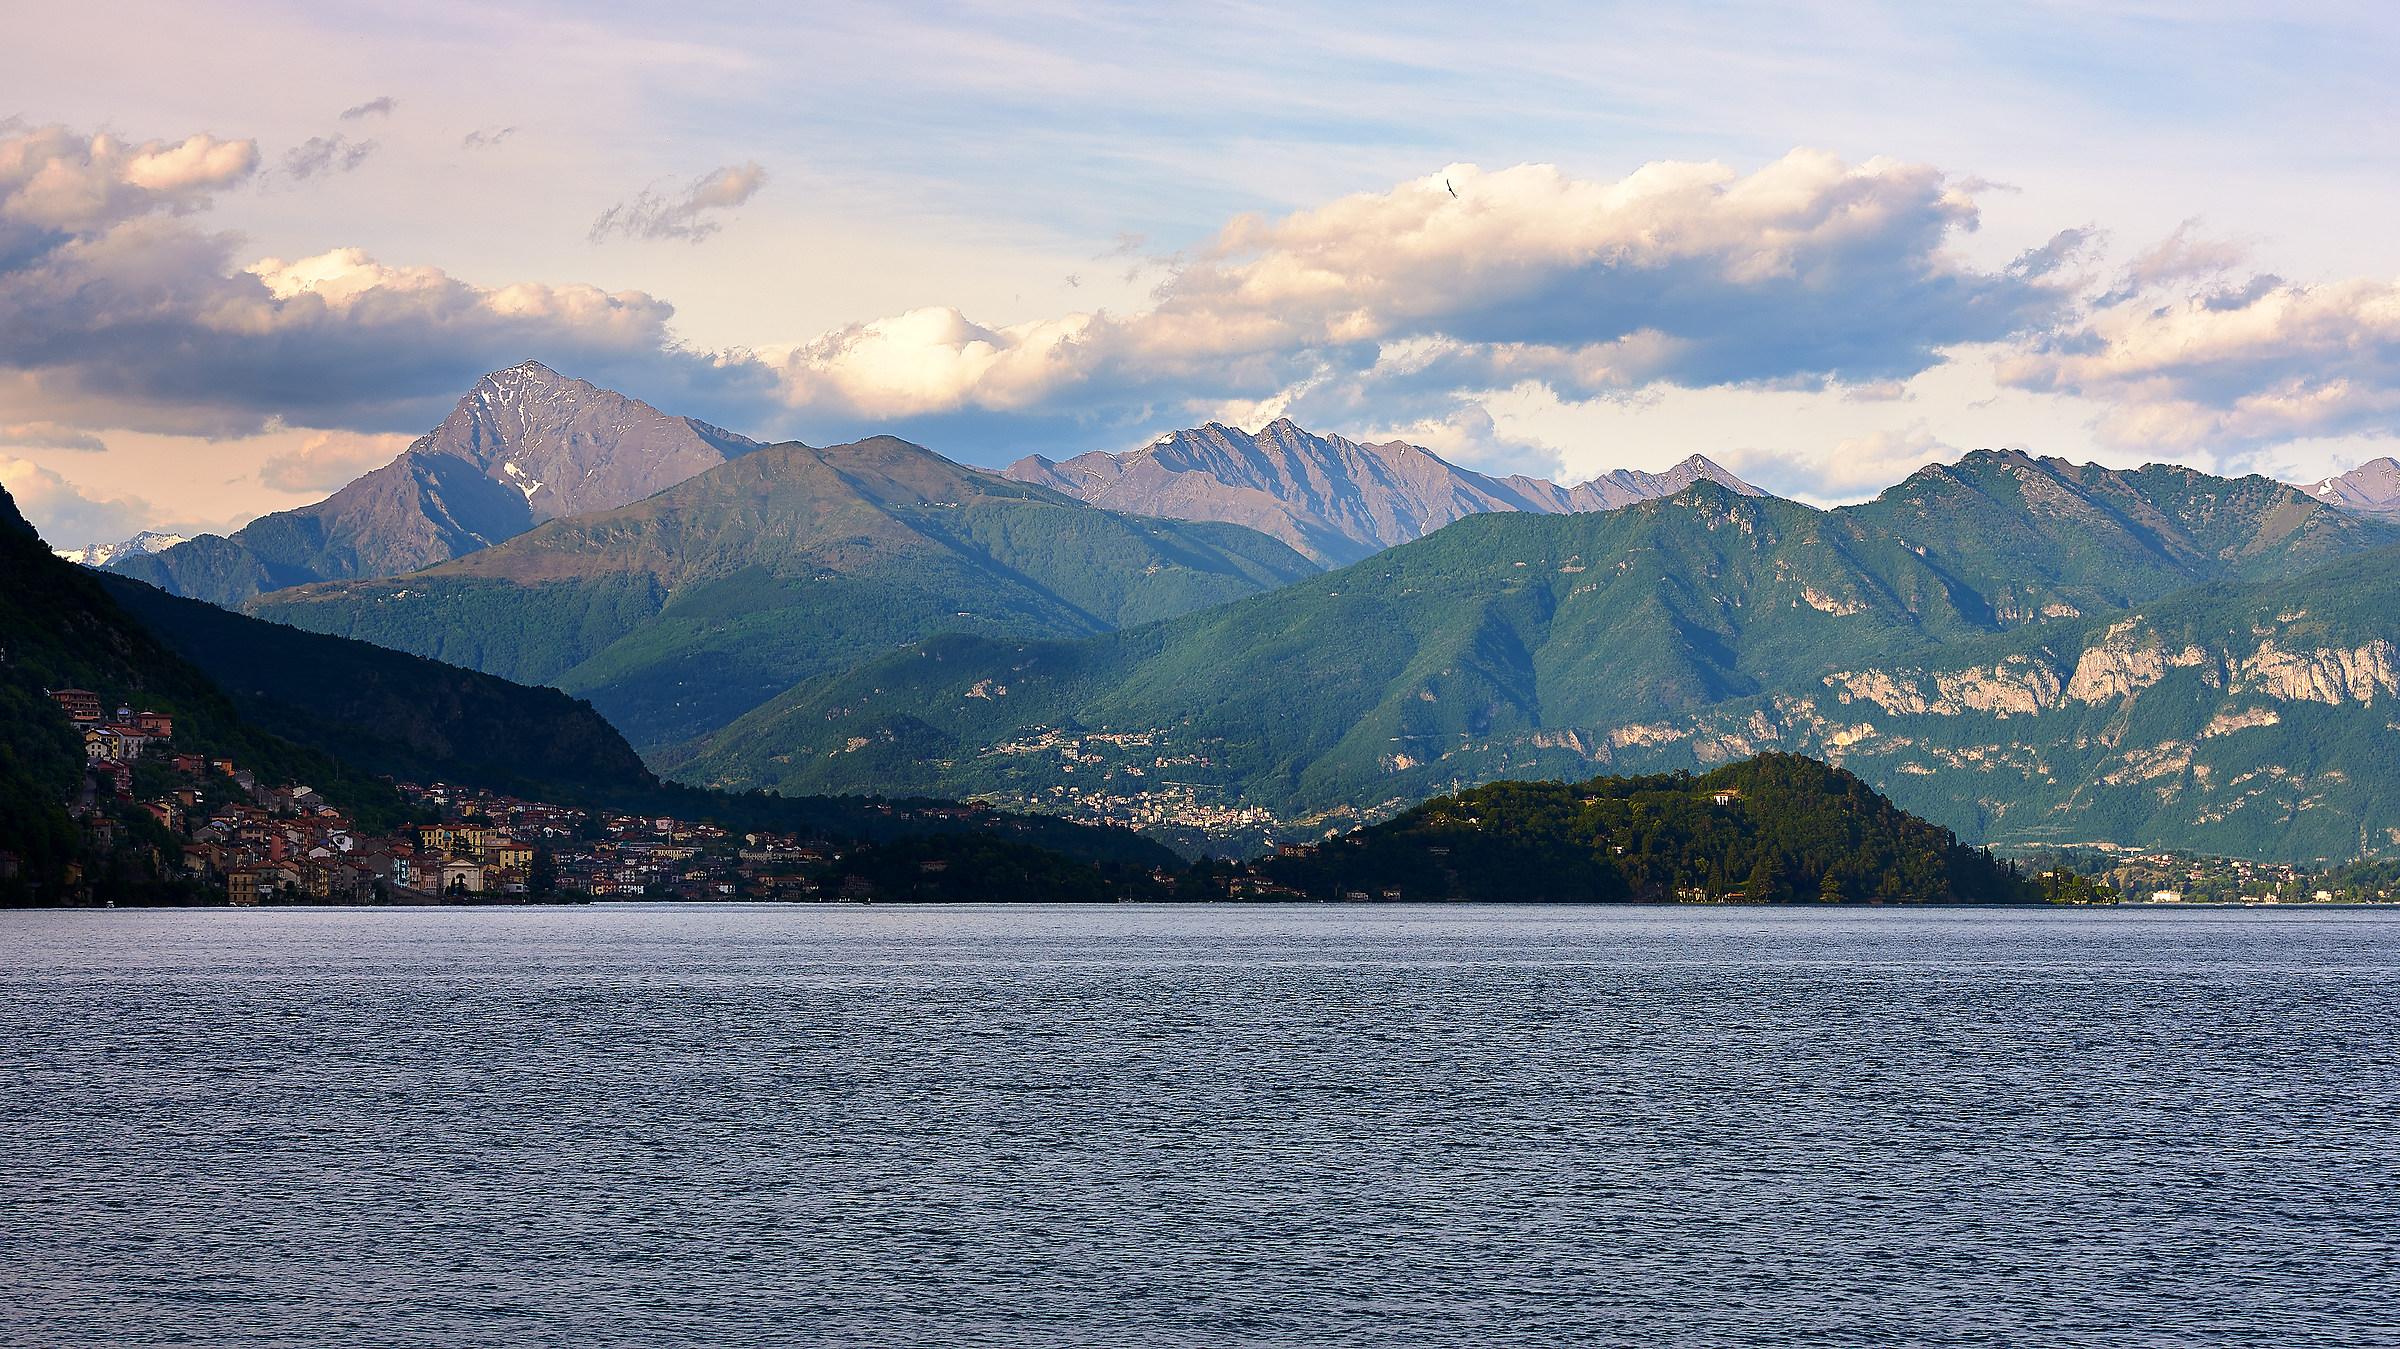 L'altro ramo del lago di Como......